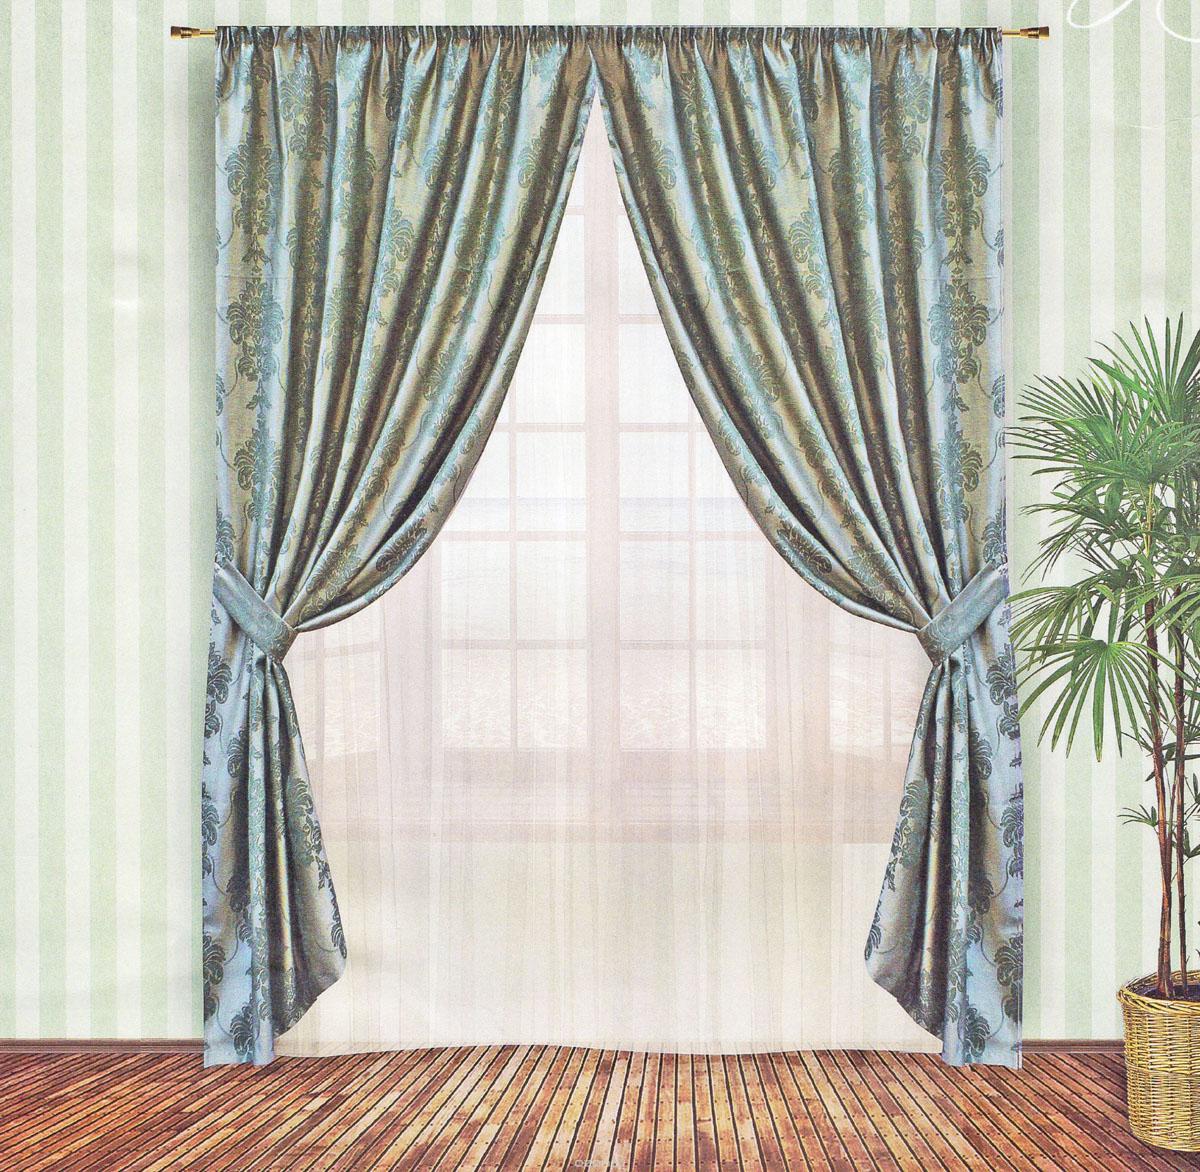 Комплект штор Zlata Korunka, на ленте, цвет: зеленый, высота 250 см. 5554555545Роскошный комплект штор Zlata Korunka, выполненный из жаккарда (100% полиэстера), великолепно украсит любое окно. Комплект состоит из двух портьер и двух подхватов. Плотная ткань, цветочный принт и приятная, приглушенная гамма привлекут к себе внимание и органично впишутся в интерьер помещения. Комплект крепится на карниз при помощи шторной ленты, которая поможет красиво и равномерно задрапировать верх. Портьеры можно зафиксировать в одном положении с помощью двух подхватов. Этот комплект будет долгое время радовать вас и вашу семью! В комплект входит: Портьера: 2 шт. Размер (ШхВ): 150 см х 250 см. Подхват: 2 шт. Размер (ШхВ): 60 см х 10 см.